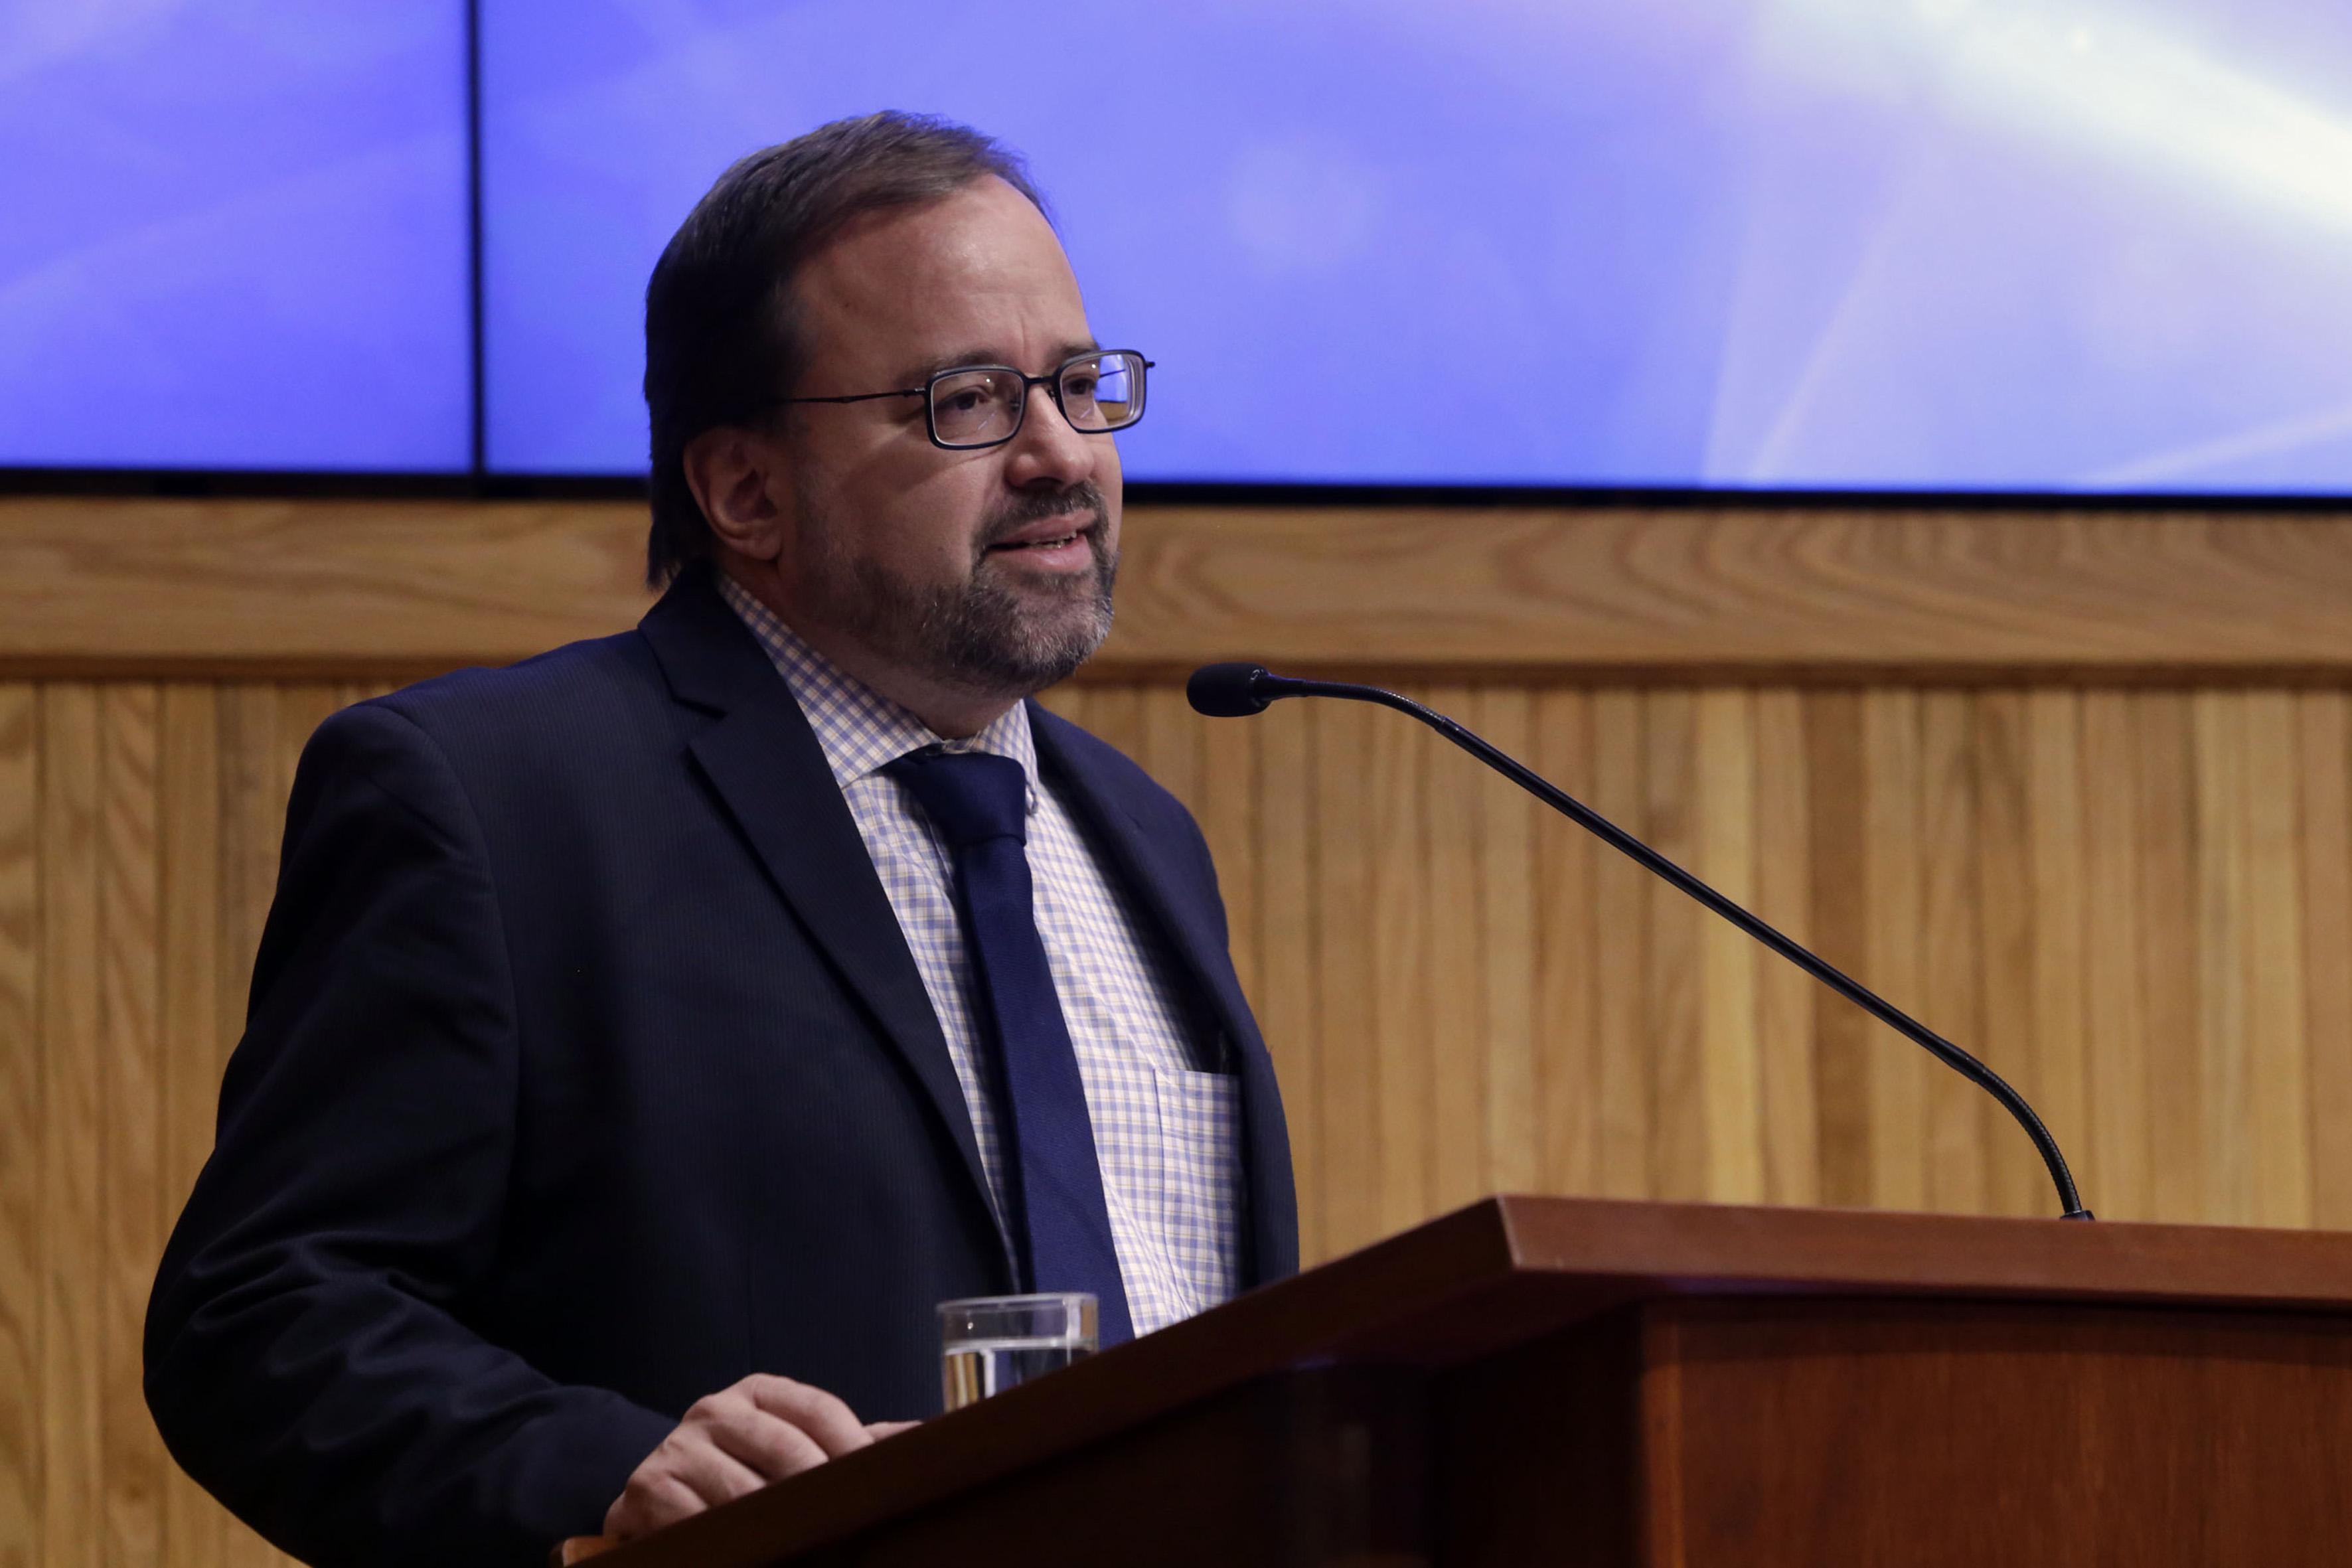 Mtro.  Rubén Juan Sebastián García Sánchez, titular de la Coordinación General de Planeación y Desarrollo Institucional (Copladi) de la UdeG, haciendo uso de la palabra